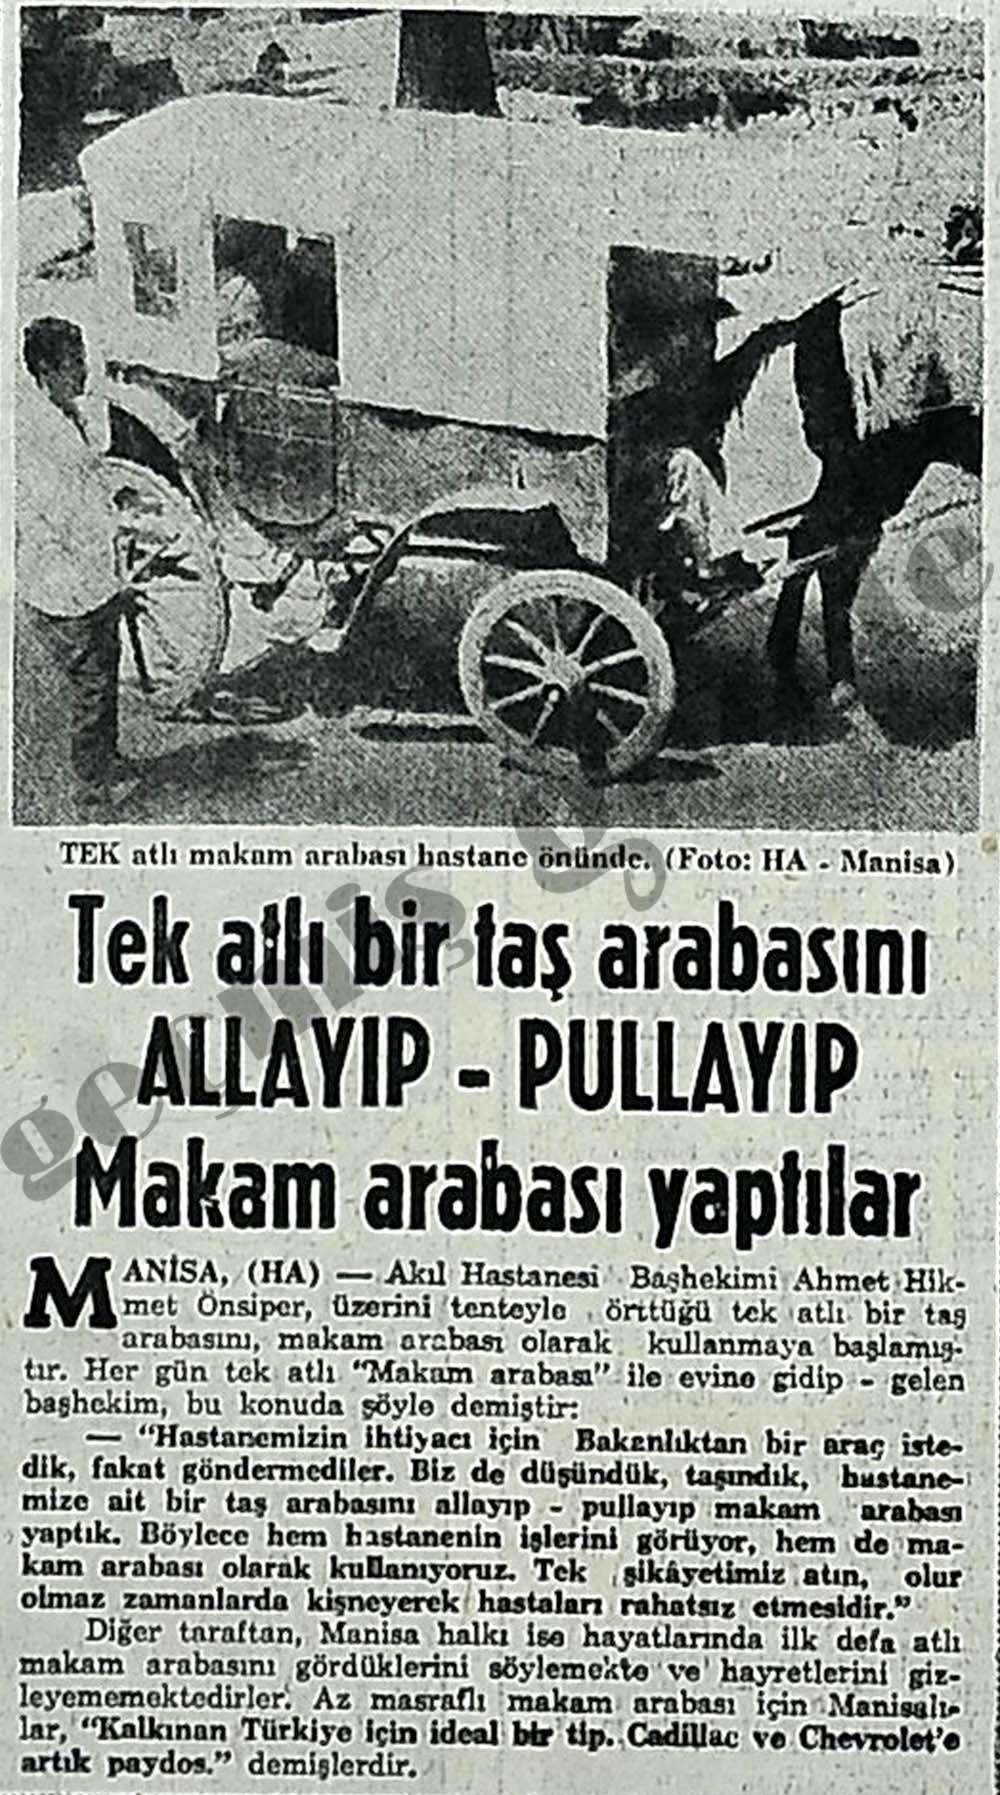 Tek atlı bir taş arabasını Allayıp-Pullayıp Makam arabası yaptılar